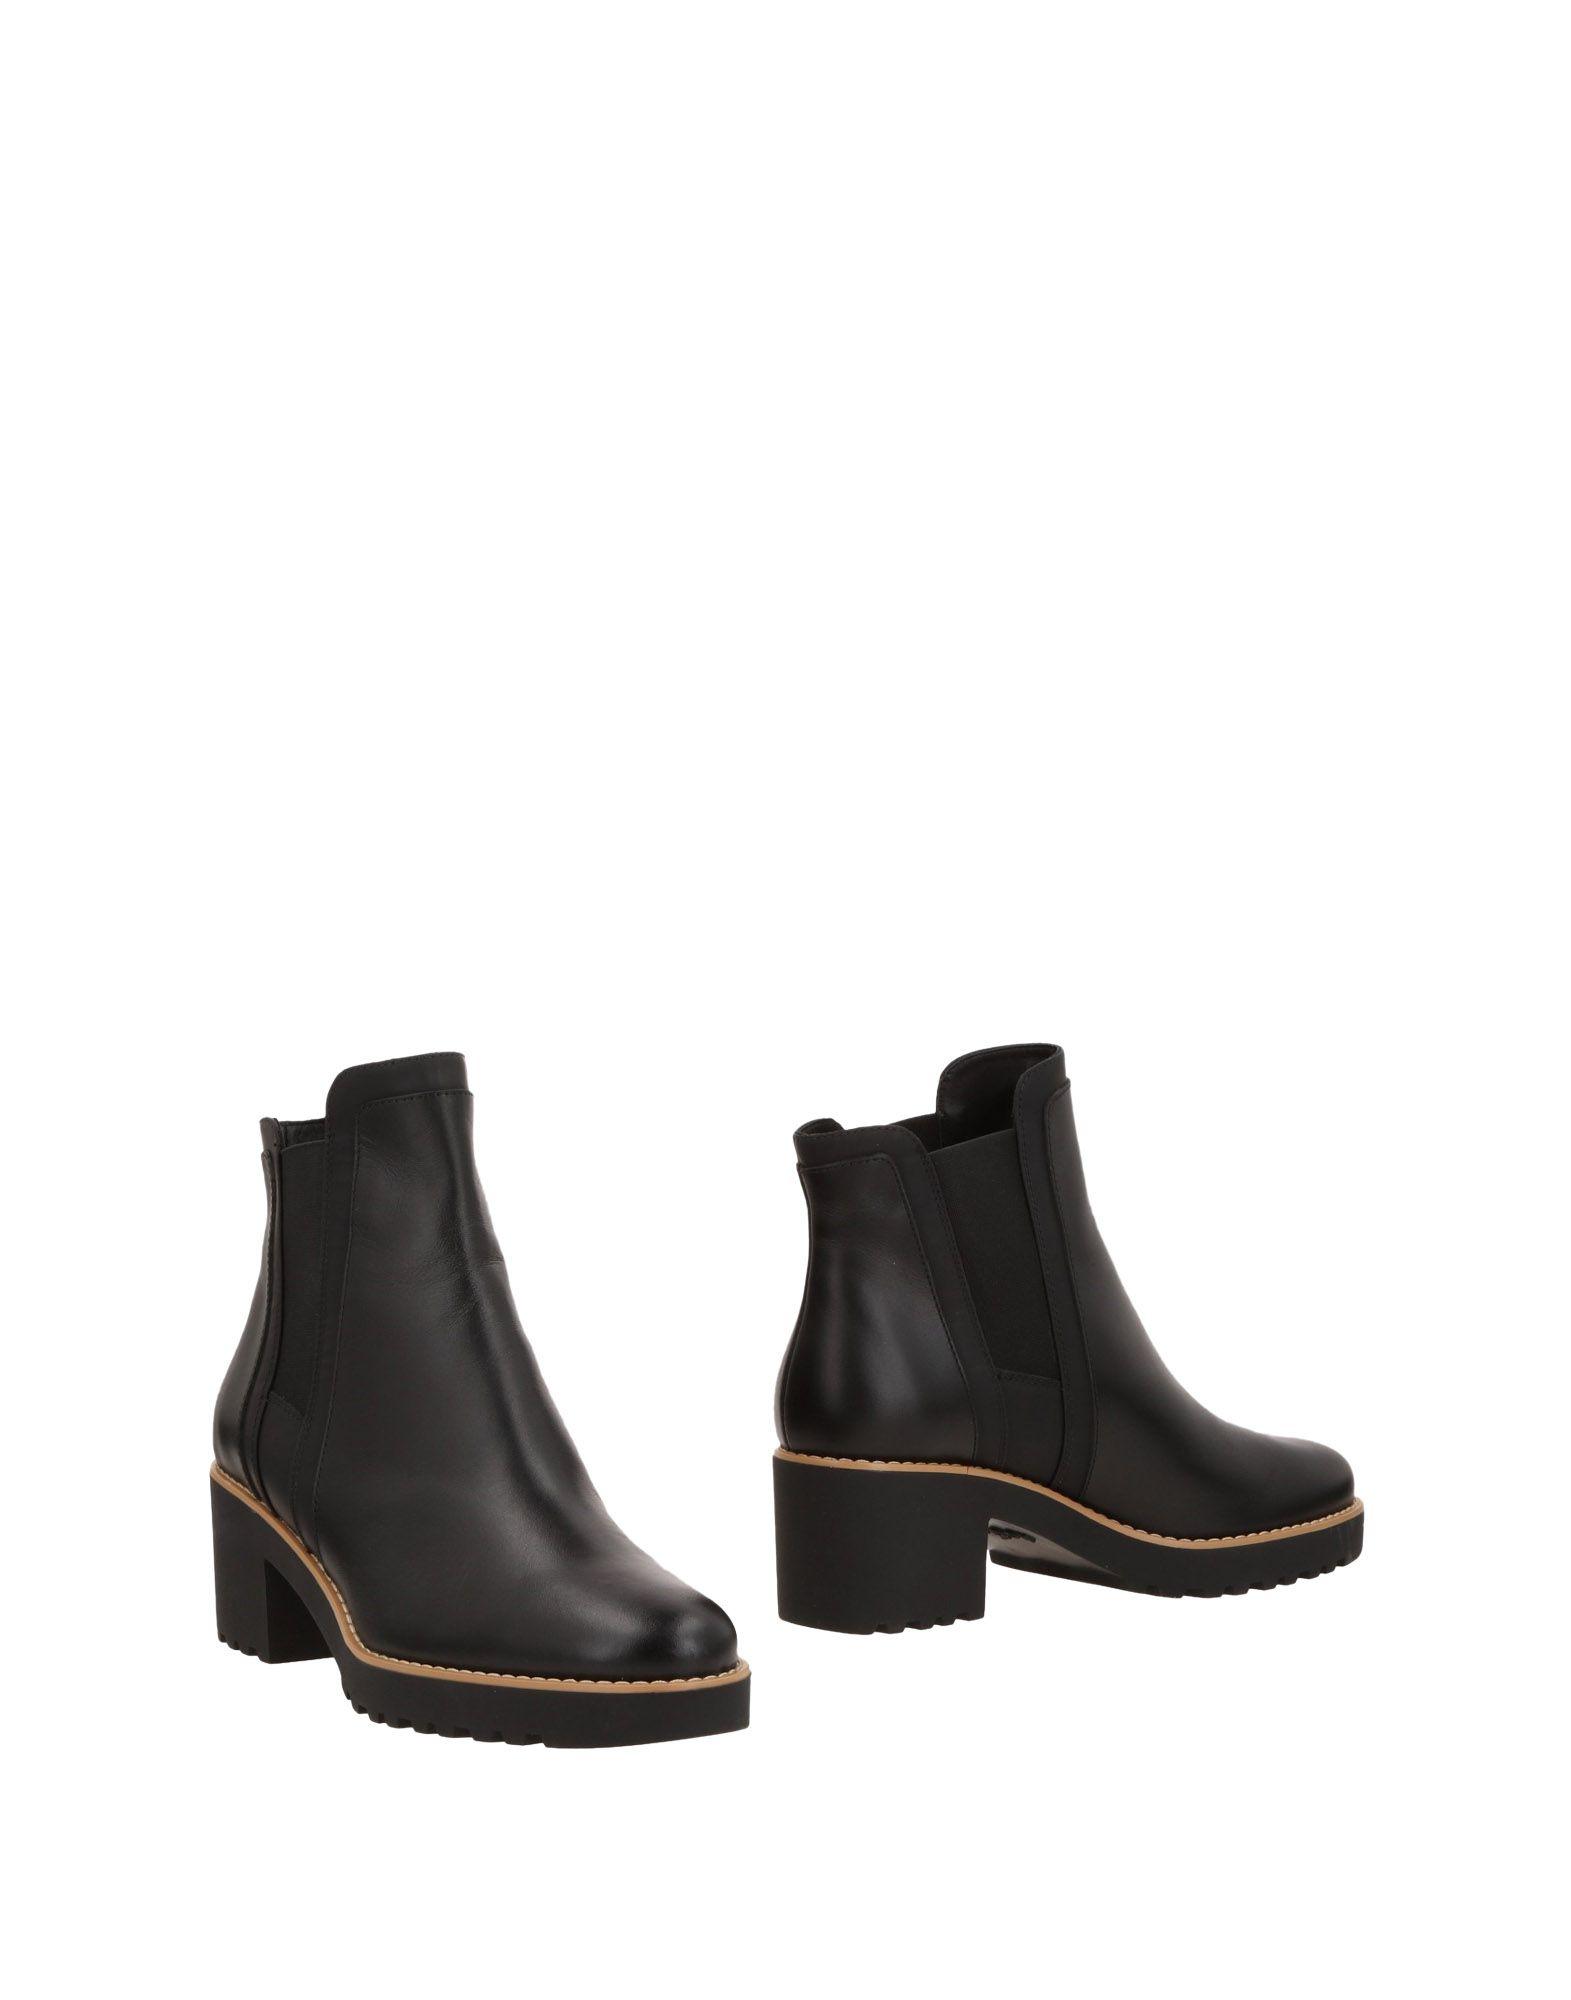 Hogan Chelsea Boots Damen Beliebte  11463185RE Beliebte Damen Schuhe 8dbed9